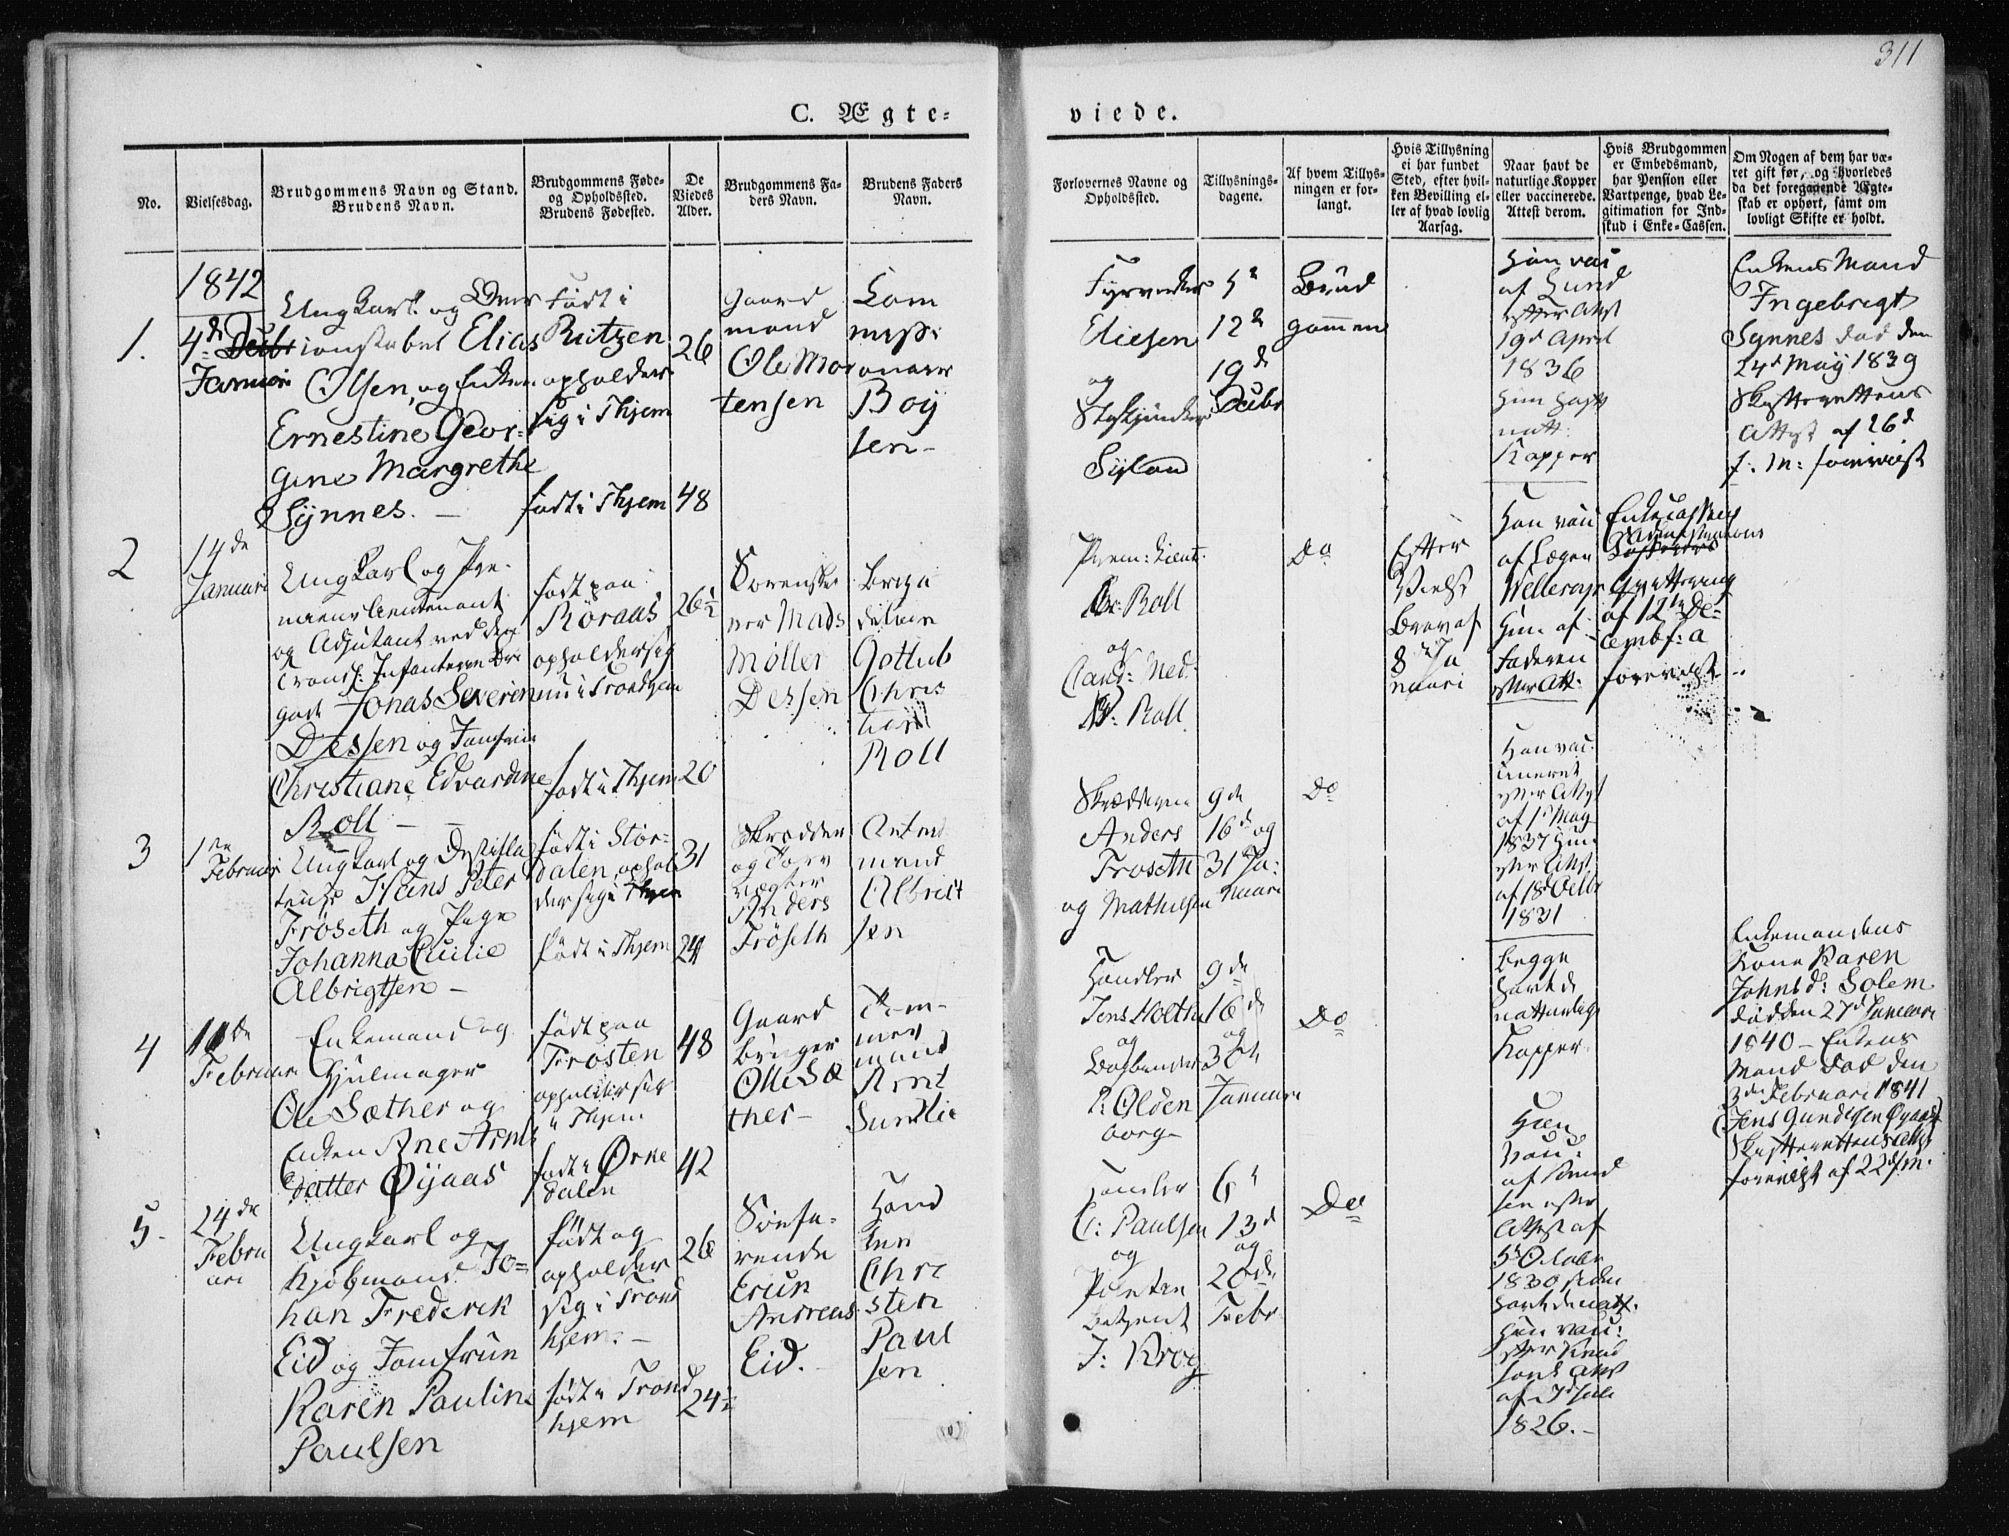 SAT, Ministerialprotokoller, klokkerbøker og fødselsregistre - Sør-Trøndelag, 601/L0049: Ministerialbok nr. 601A17, 1839-1847, s. 311